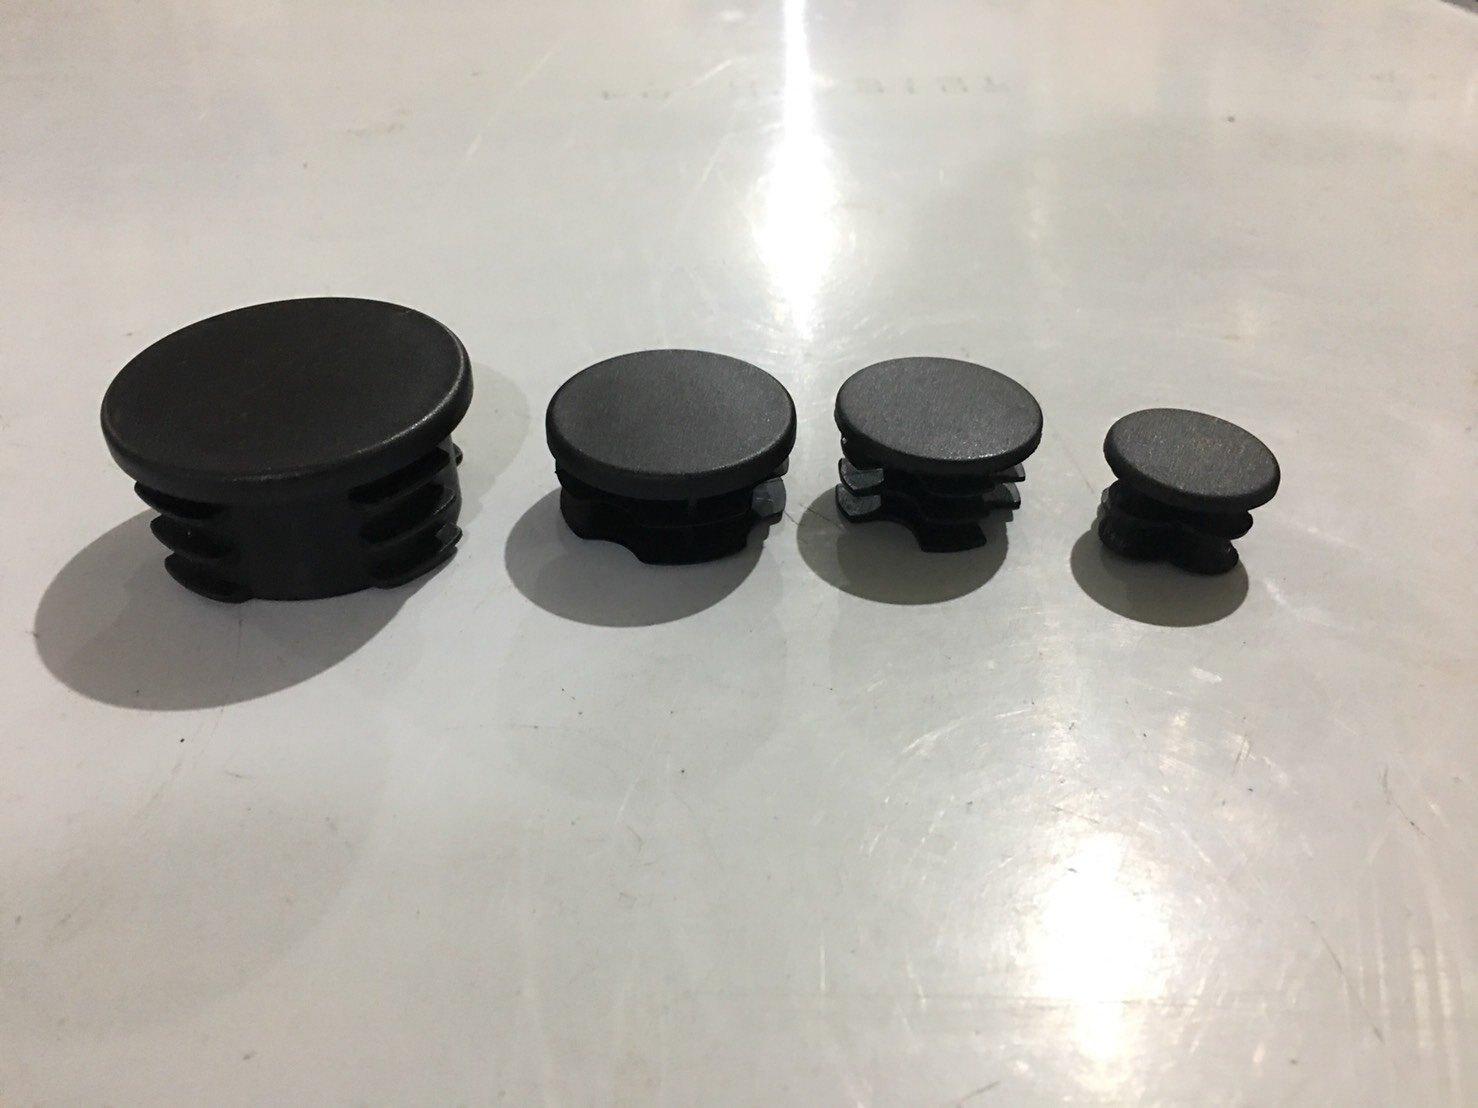 """塑膠封口 1 1/2"""" 圓黑 直徑38.1mm 封口蓋 孔塞 管塞 塑膠蓋 圓管蓋 PVC圓封口"""